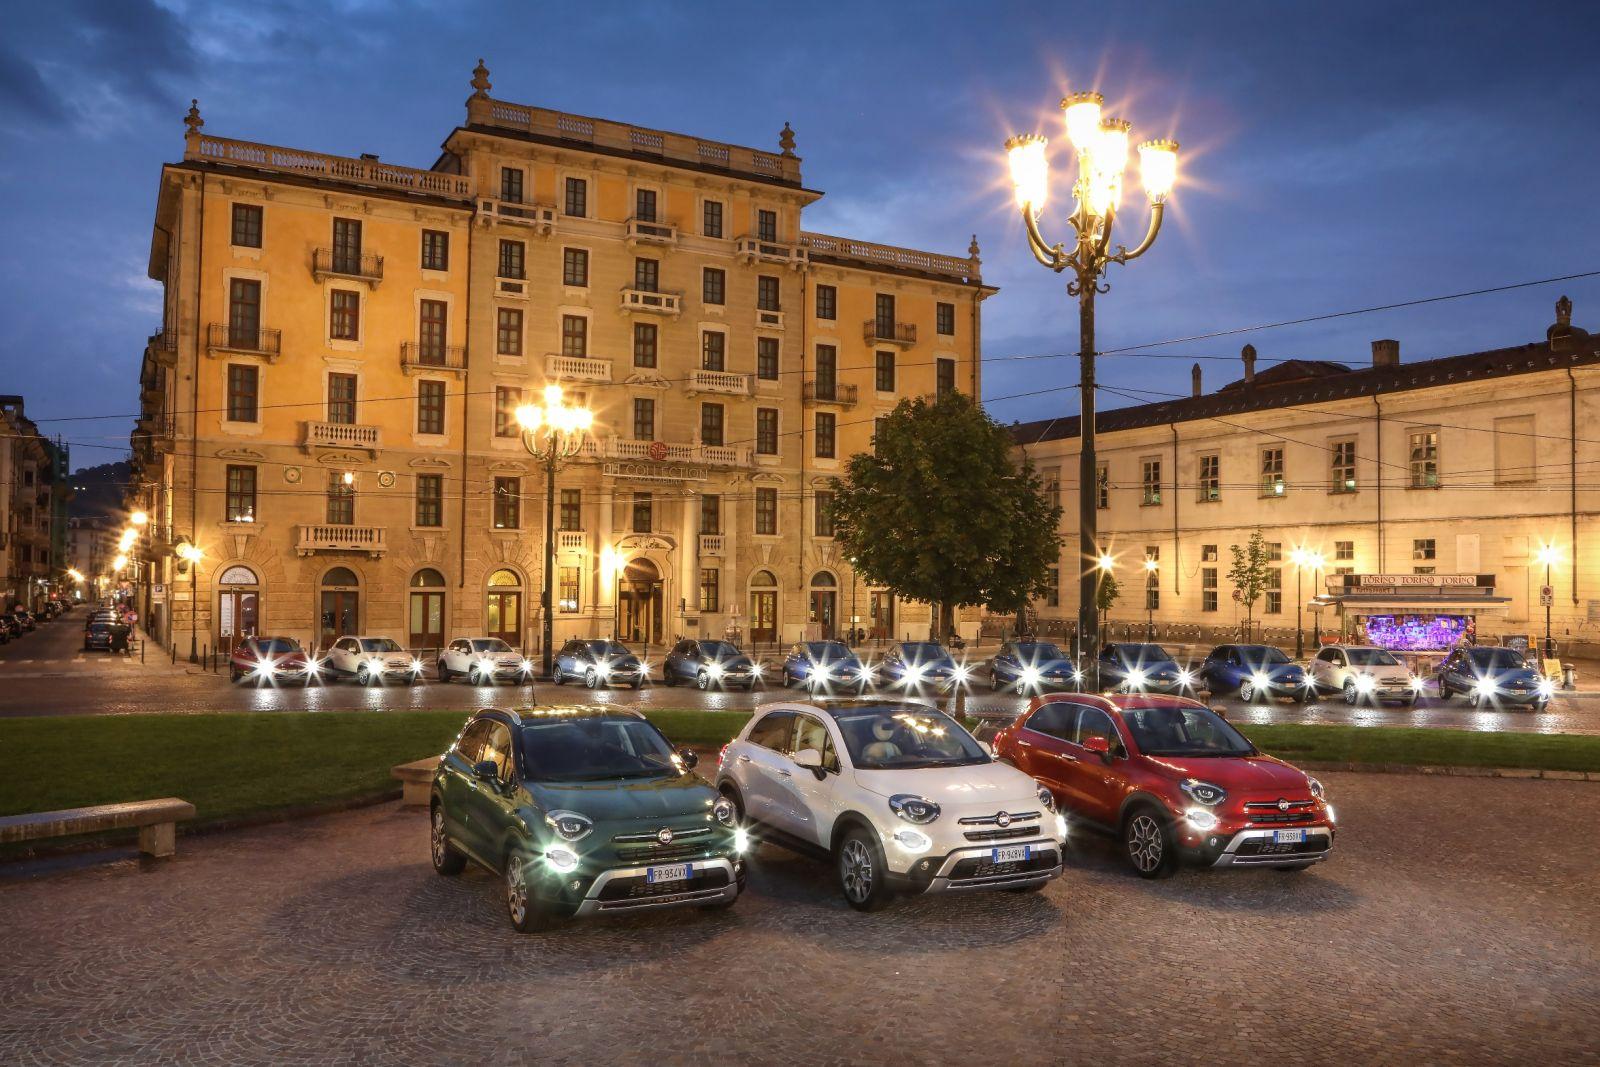 Το νέο Fiat 500X προσφέρεται από την αντιπροσωπεία με δωρεάν το αυτόματο κιβώτιο